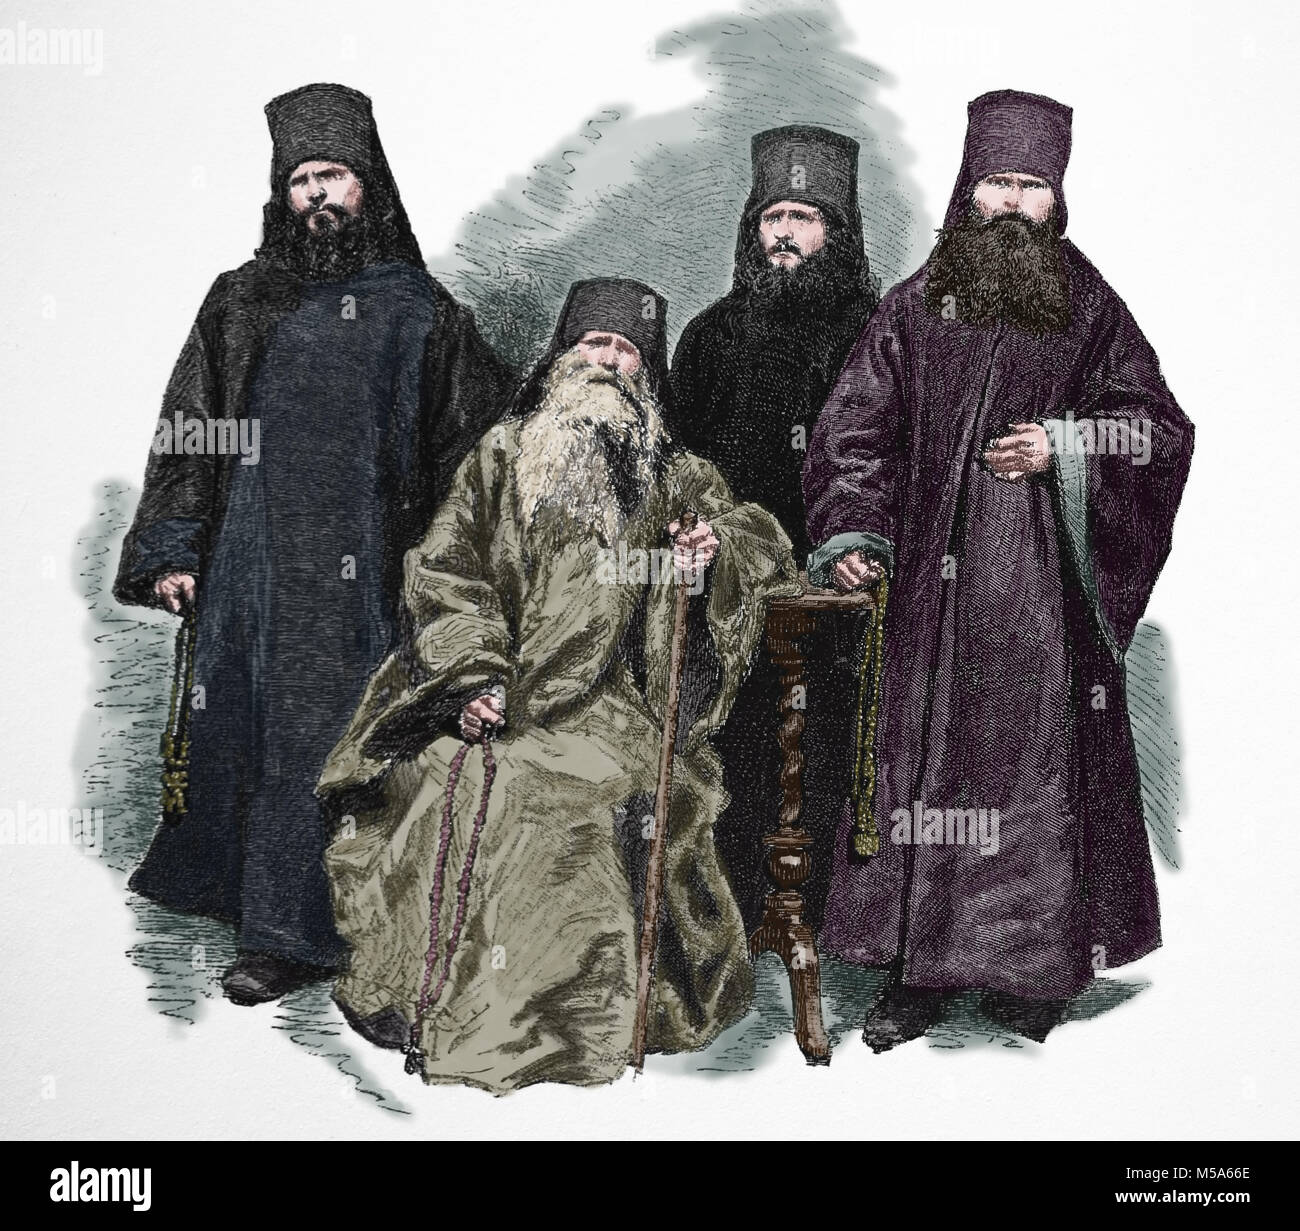 Russisch-orthodoxen Kirche. Russisch-orthodoxe Geistliche und Mönche. 1870. Gravur. Stockbild